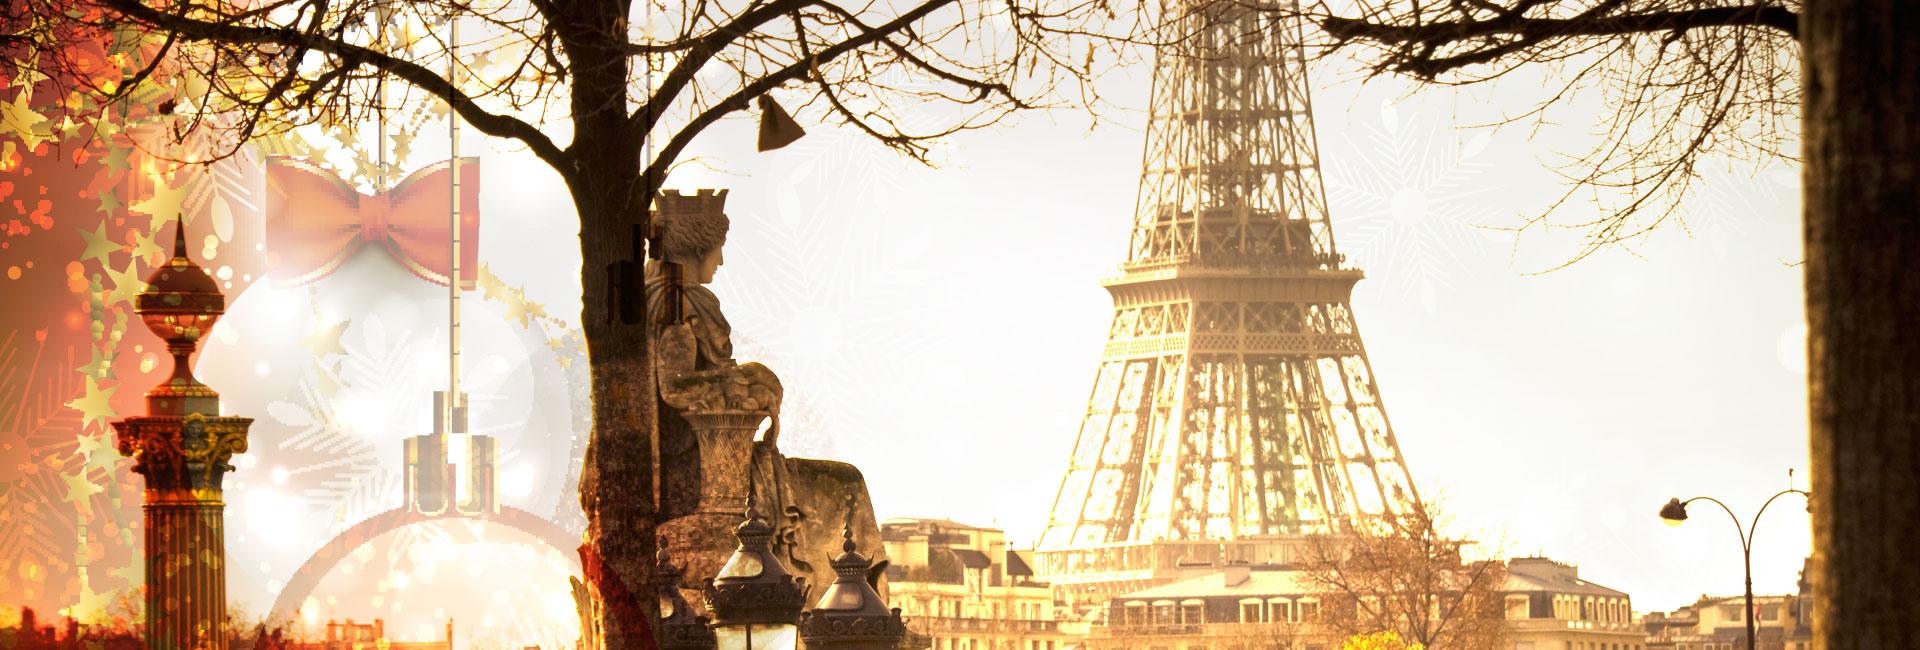 סמינר מטייל פריז בחג המולד